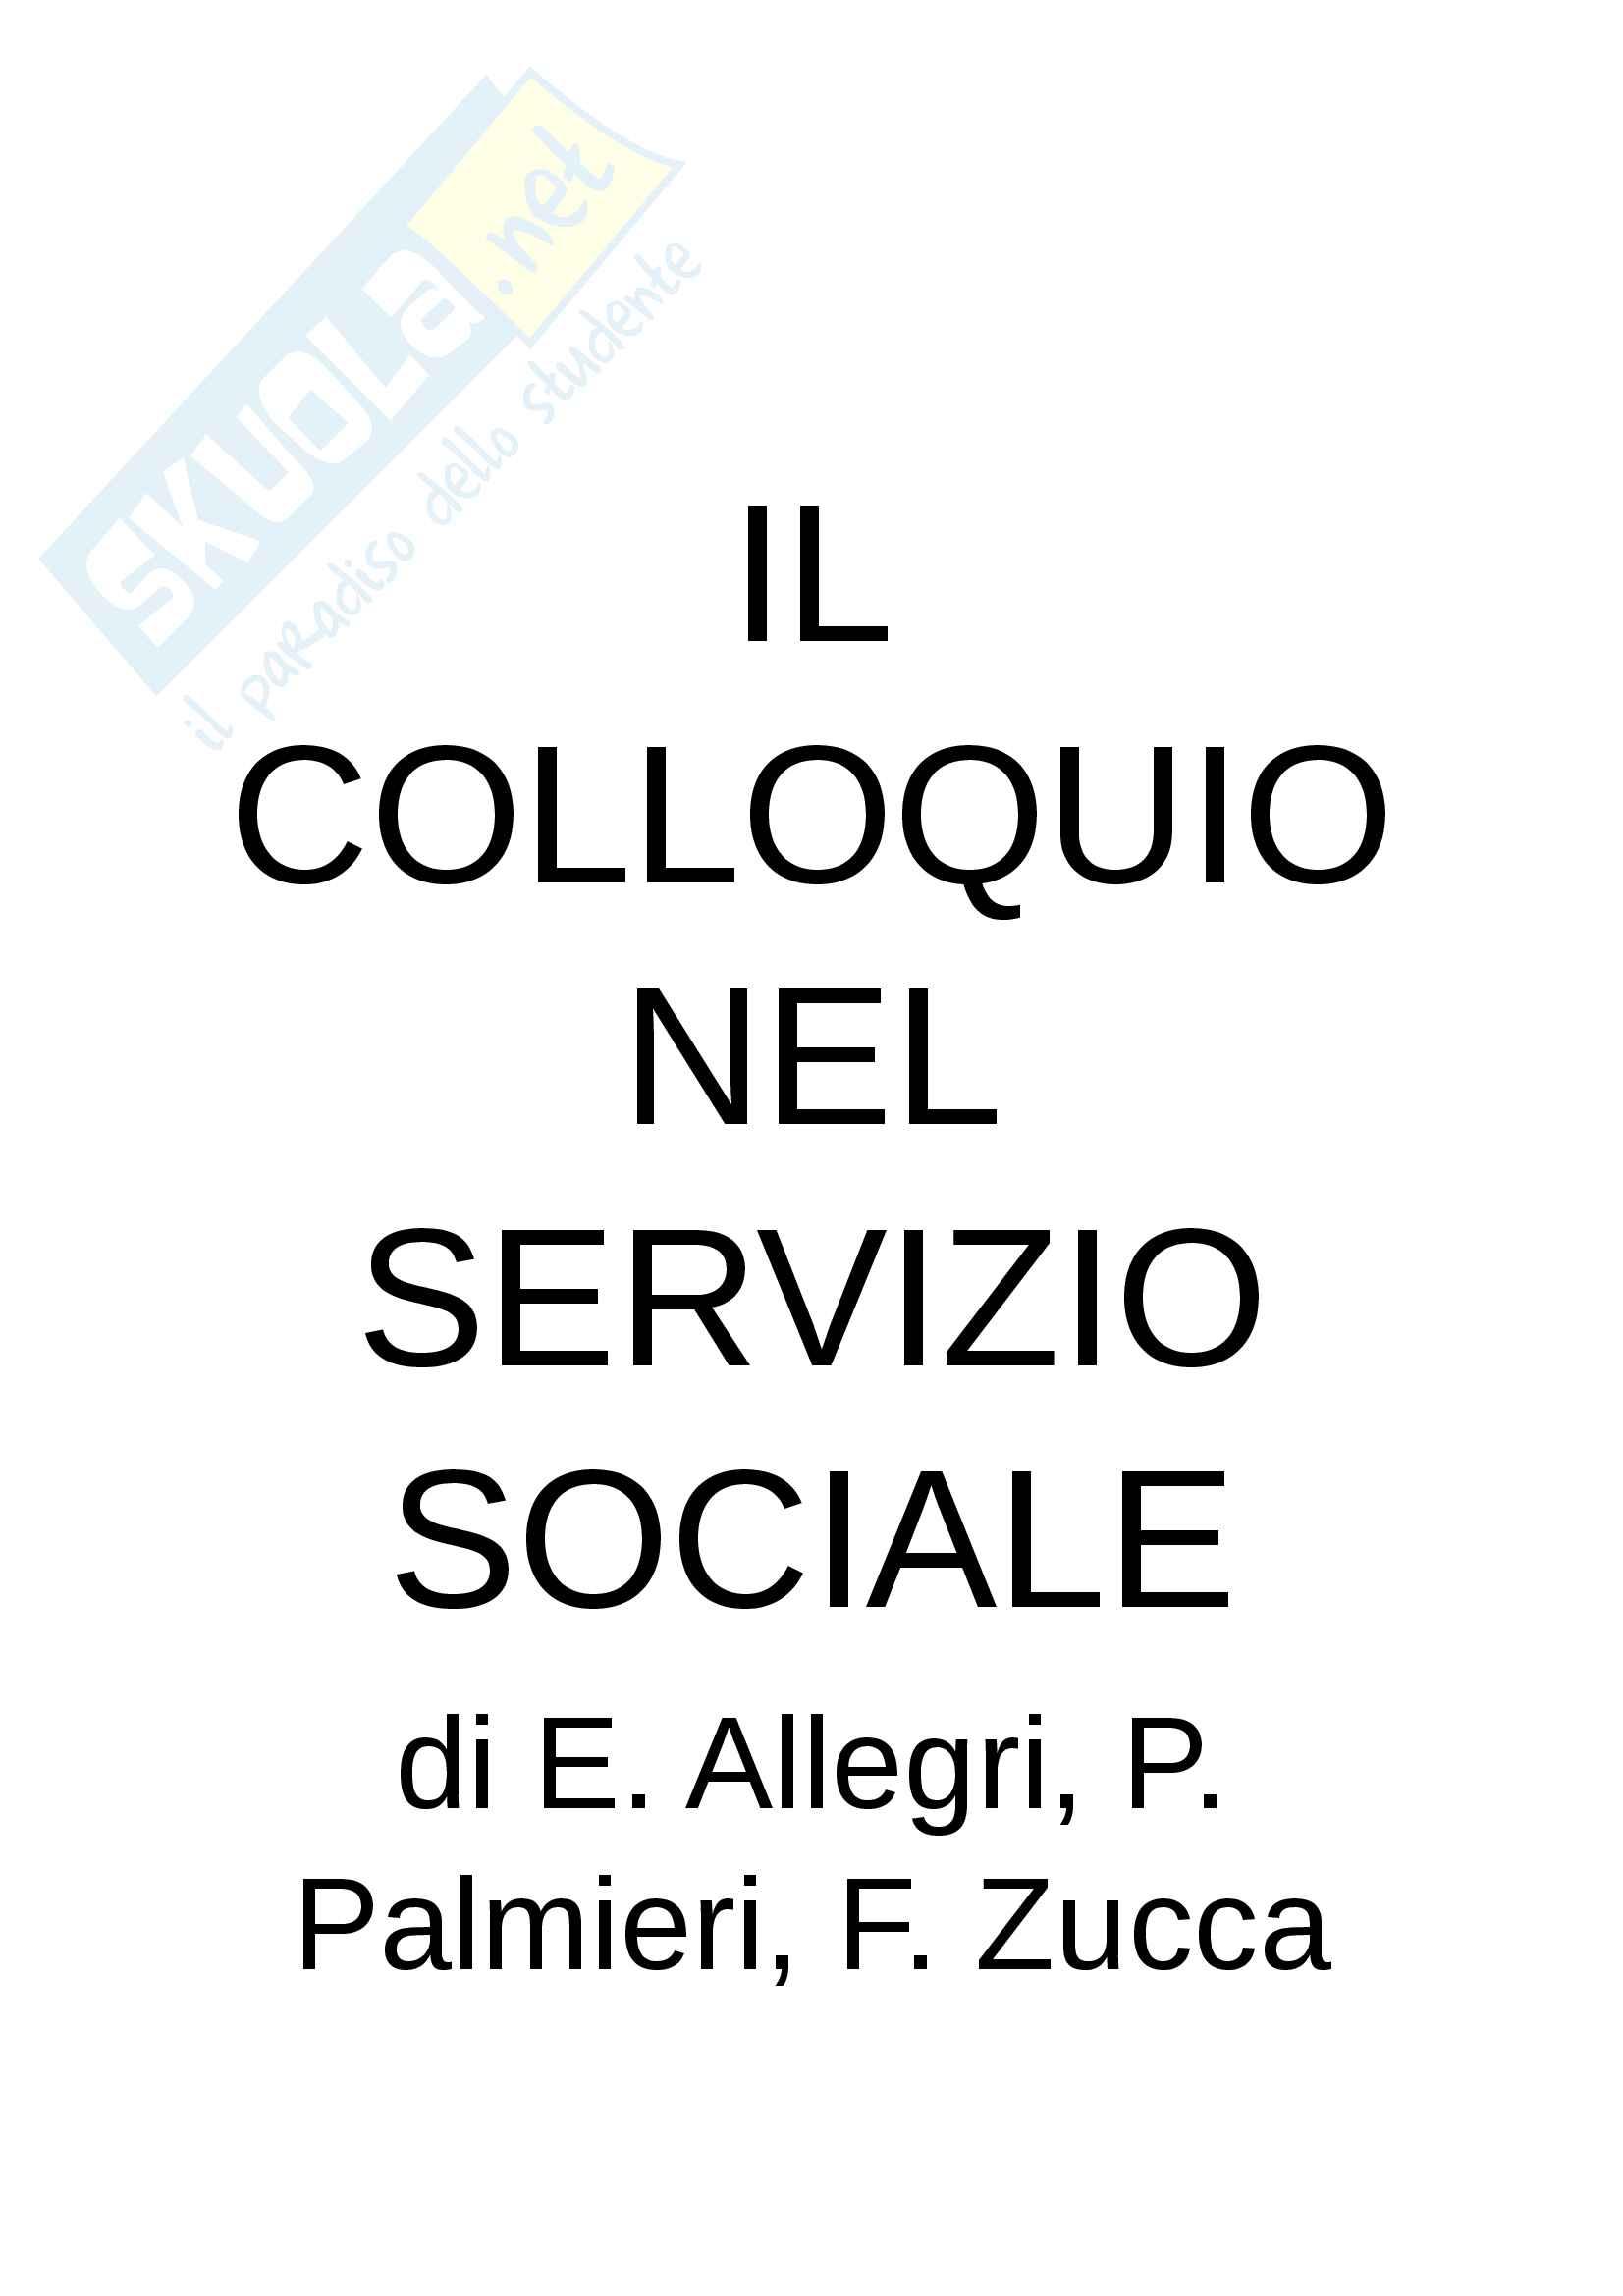 Riassunto per l'esame di tecniche e strumenti del servizio sociale, prof. Rovai, libro consigliato: Il colloquio nel servizio sociale, Allegri, Palmieri